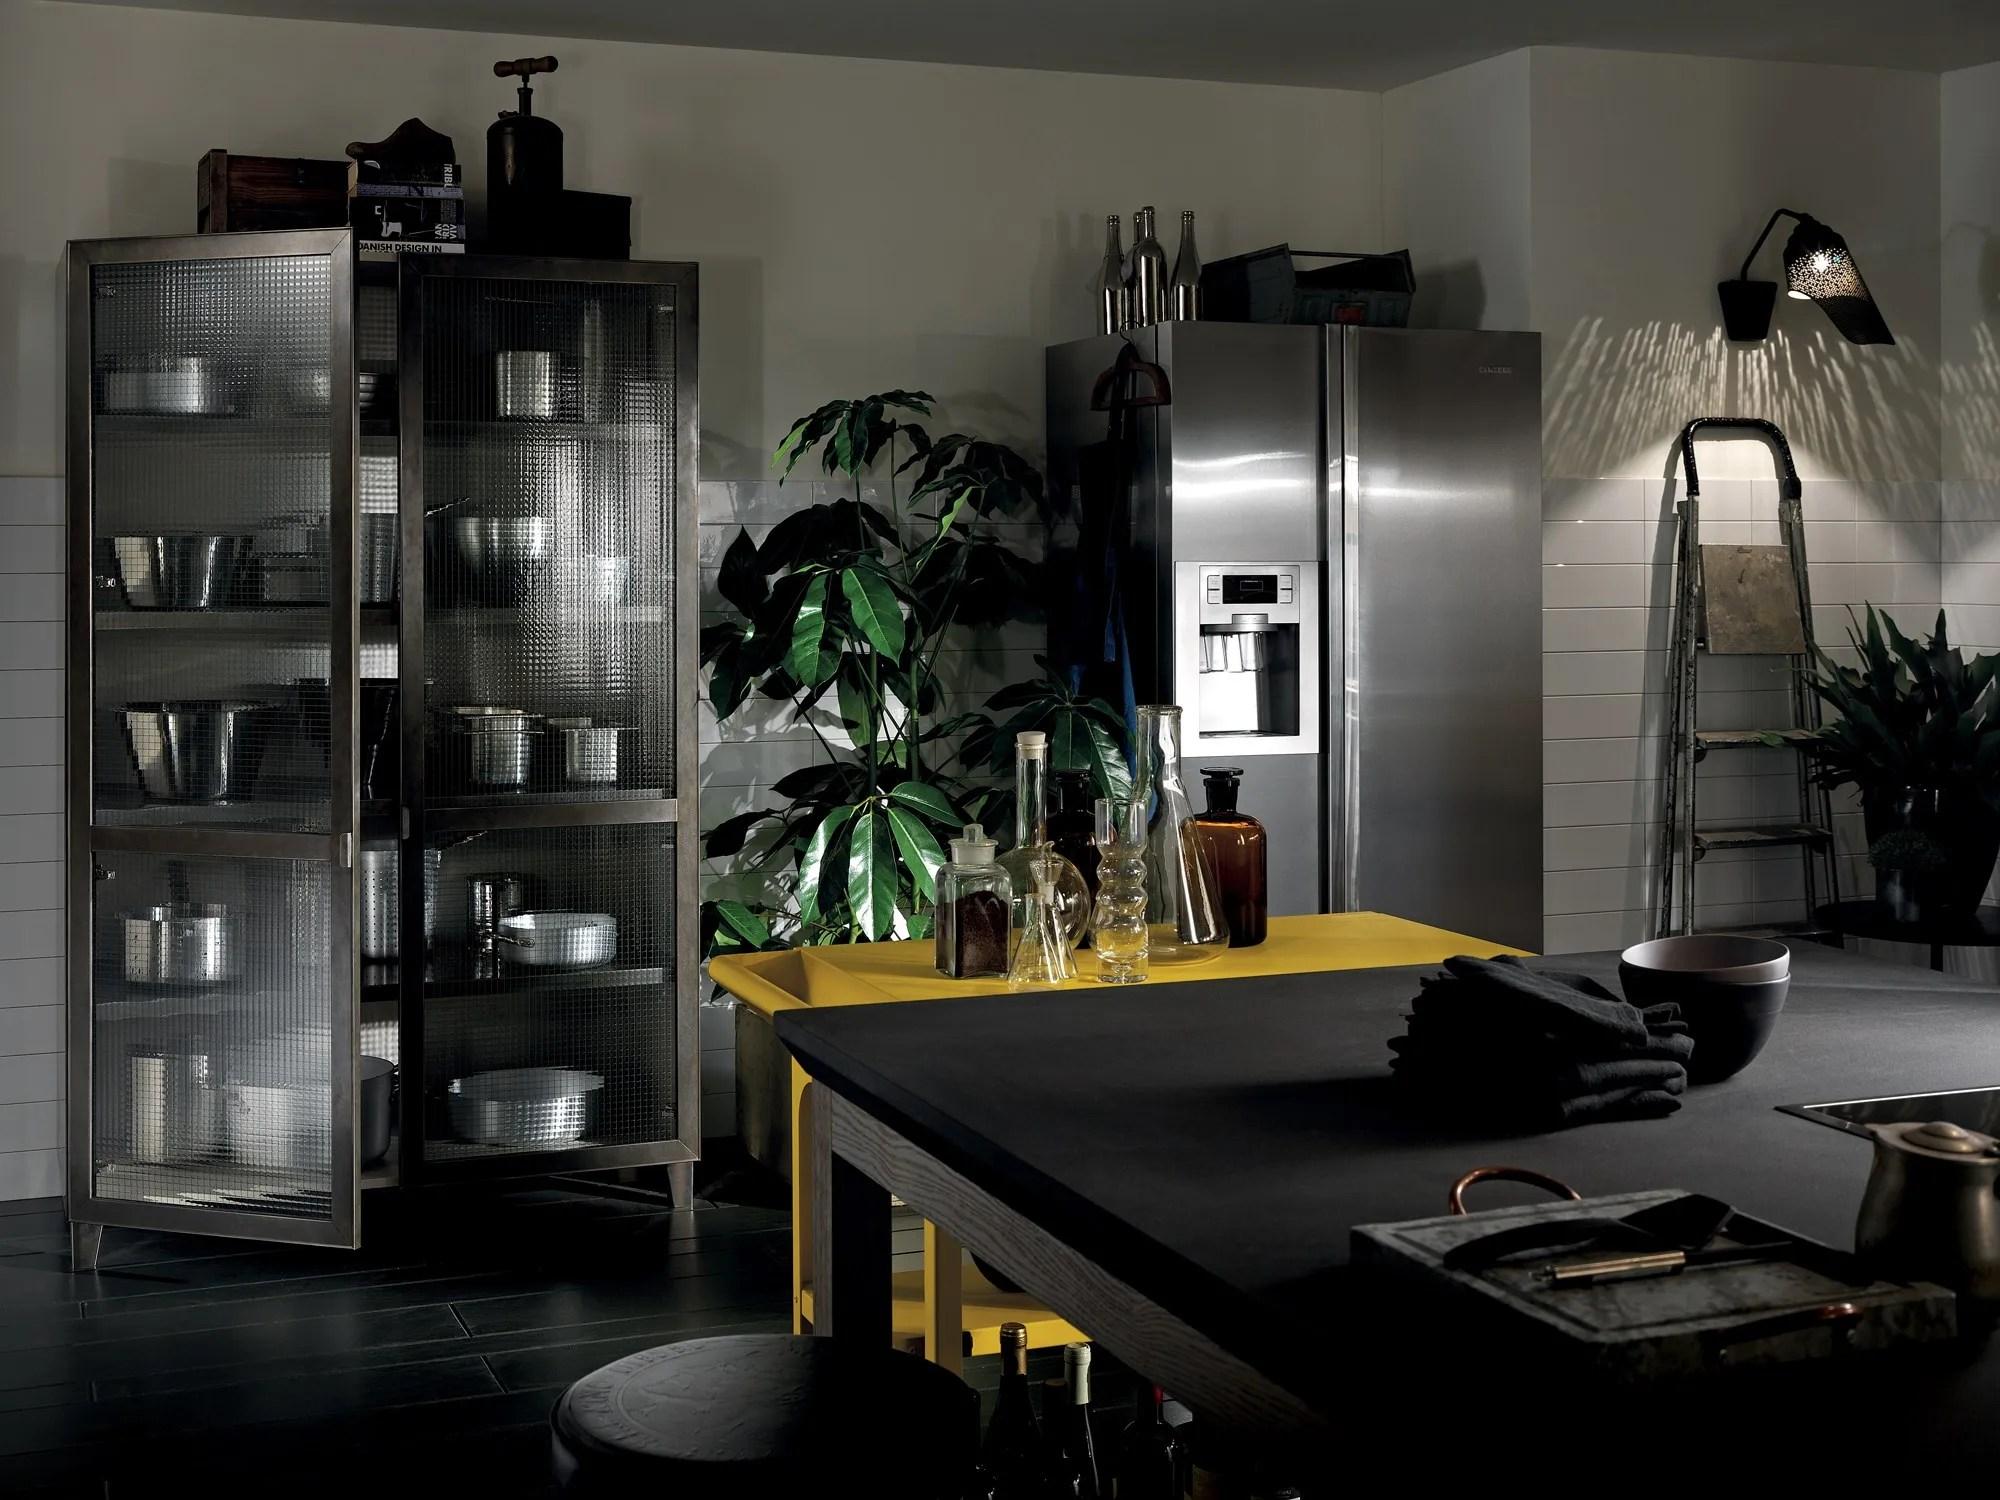 Cucina componibile DIESEL SOCIAL KITCHEN Linea Scavolini